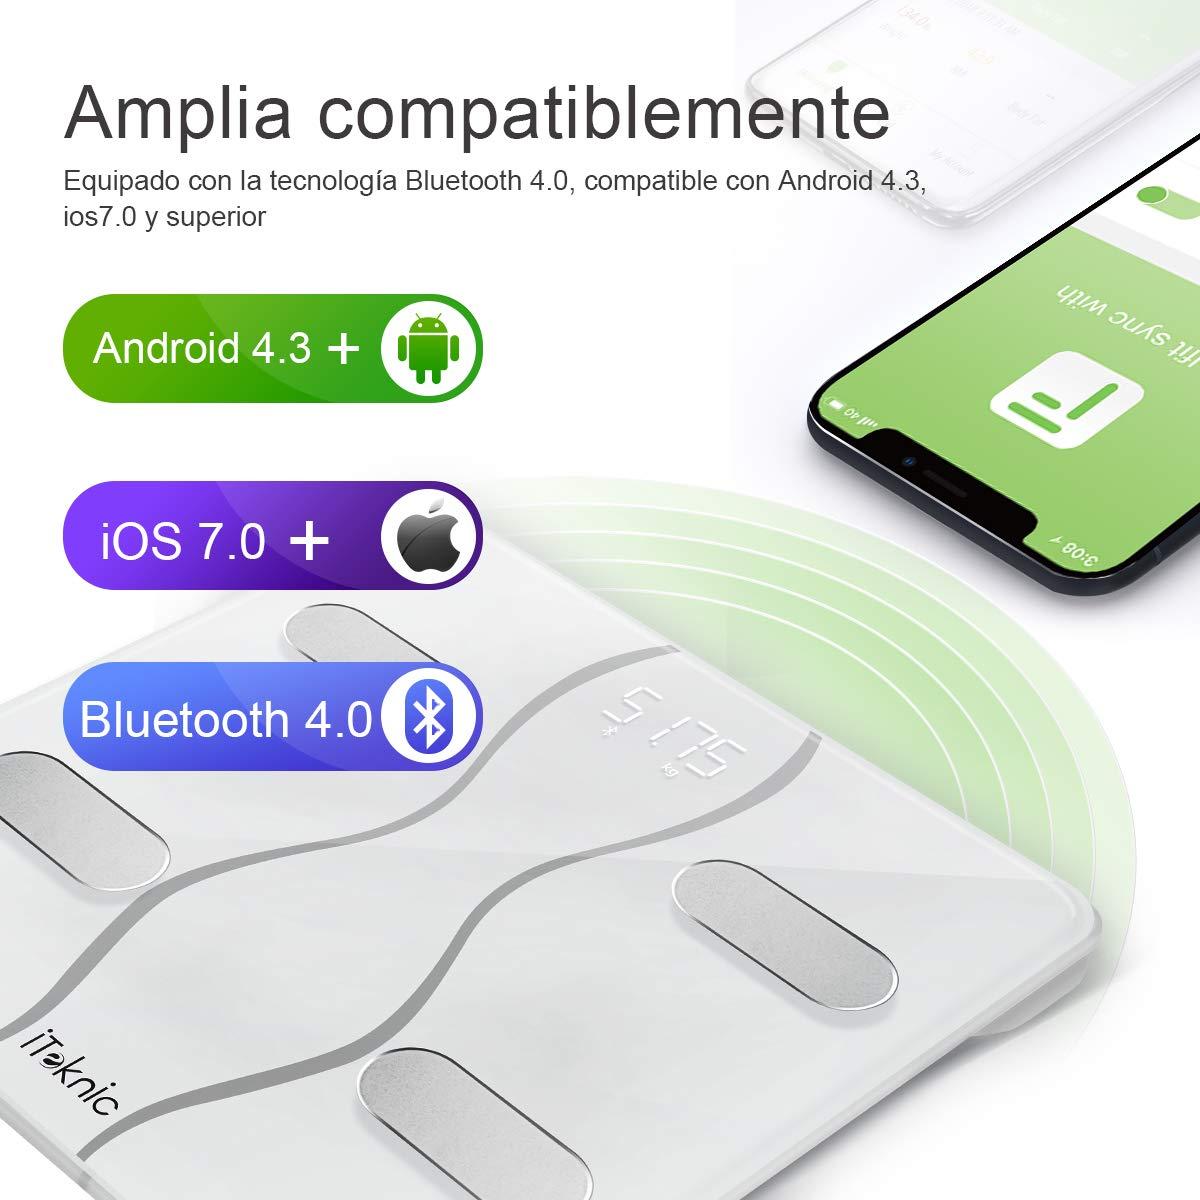 iTeknic Báscula Inteligente Multifunciones con Bluetooth Puede Conectar con Smartphone Compatible la Sistema de Andriod 4.3 y IOS 8 o Superior con Tecnología BIA Detectar y Analizar los 13 Datos de su Cuerpo (Agua,Caloría,Peso,Grasa,BMR y e